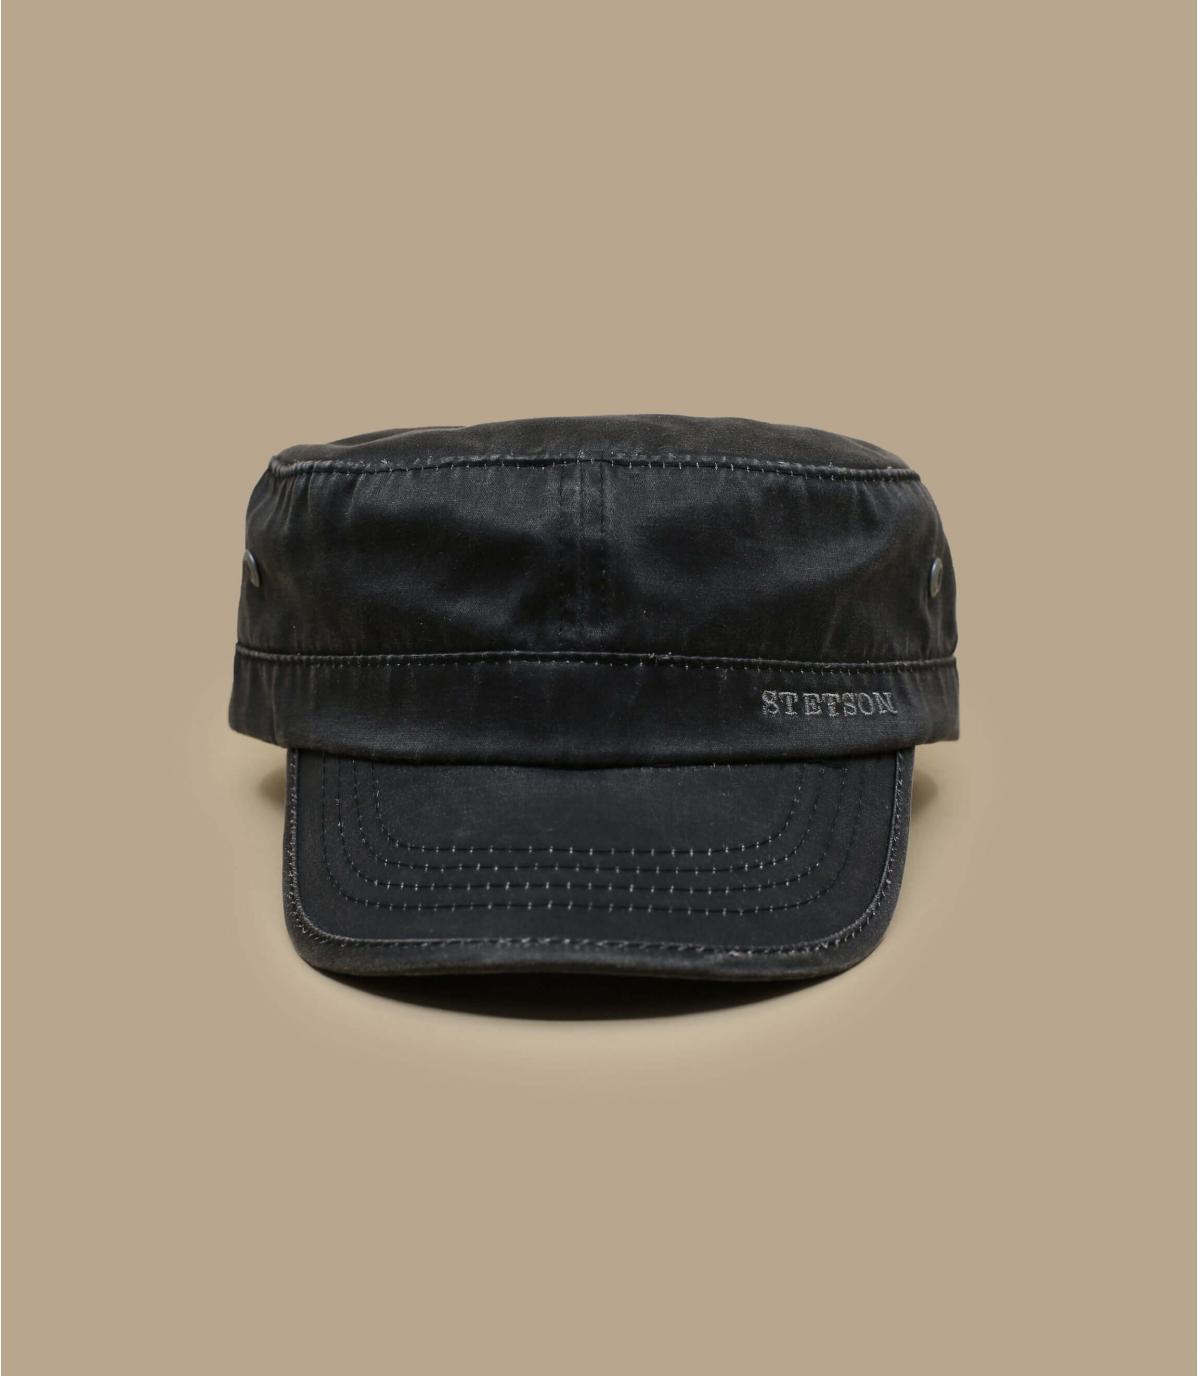 Casquette Stetson noire